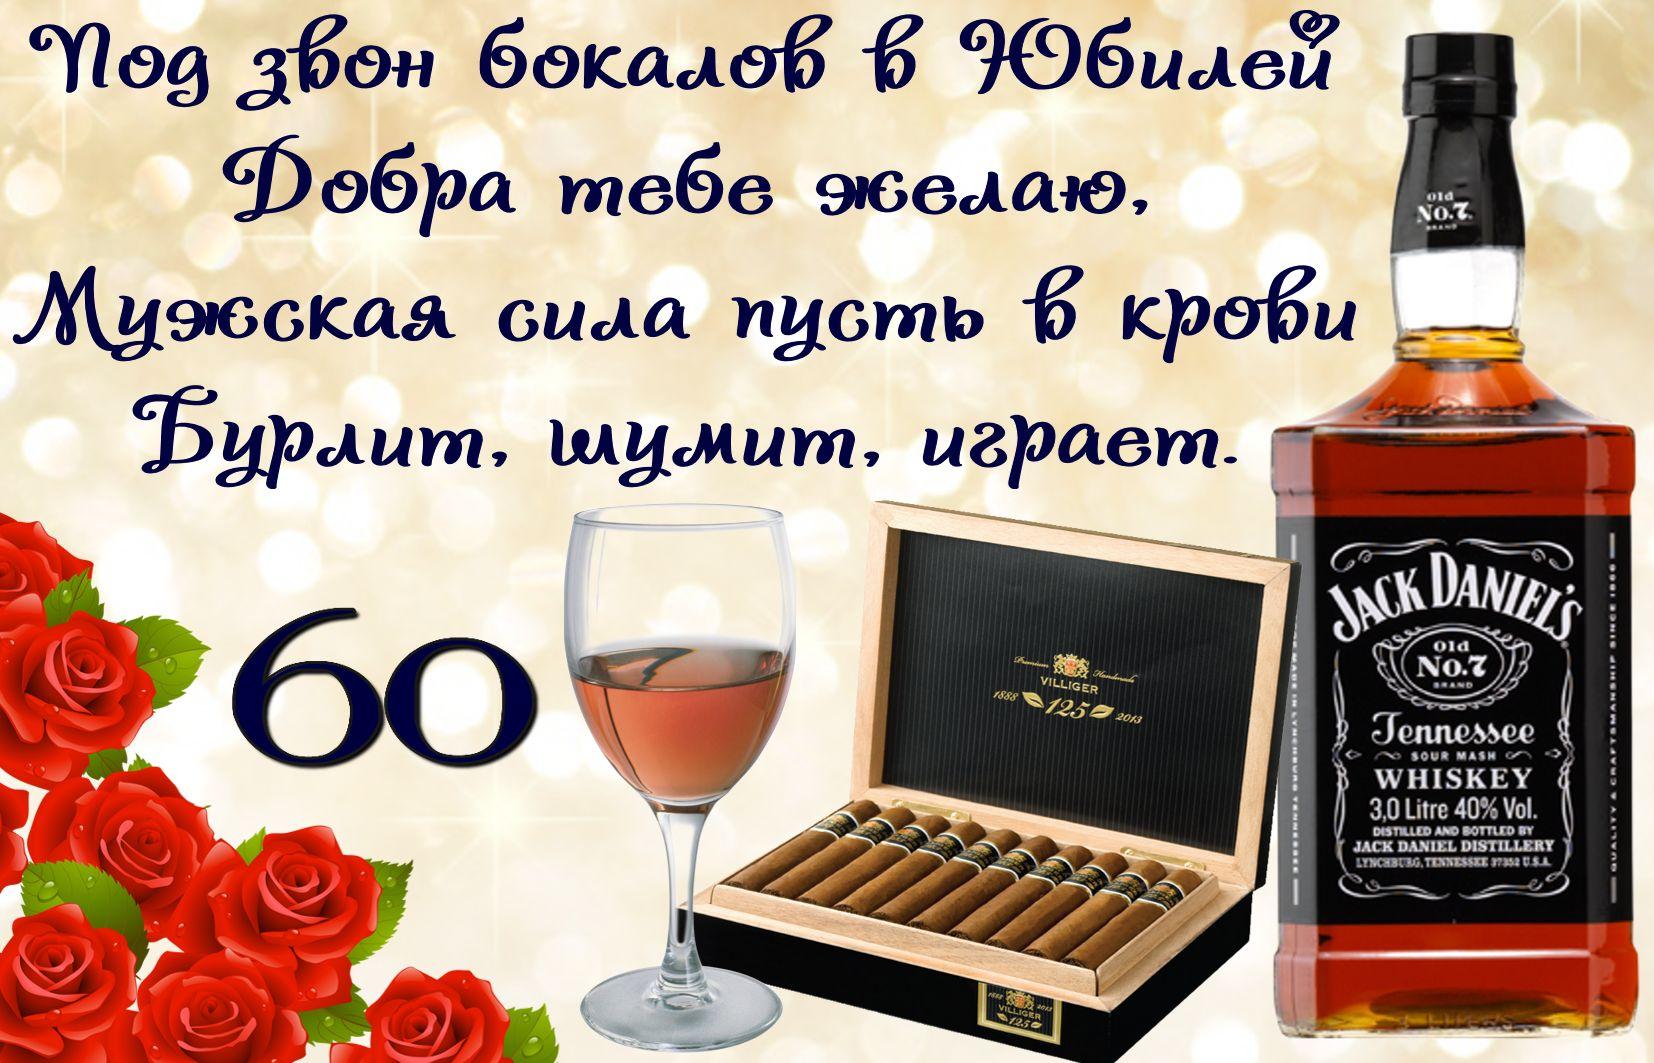 Открытка на 60 лет - пожелание к юбилею с сигарами и виски